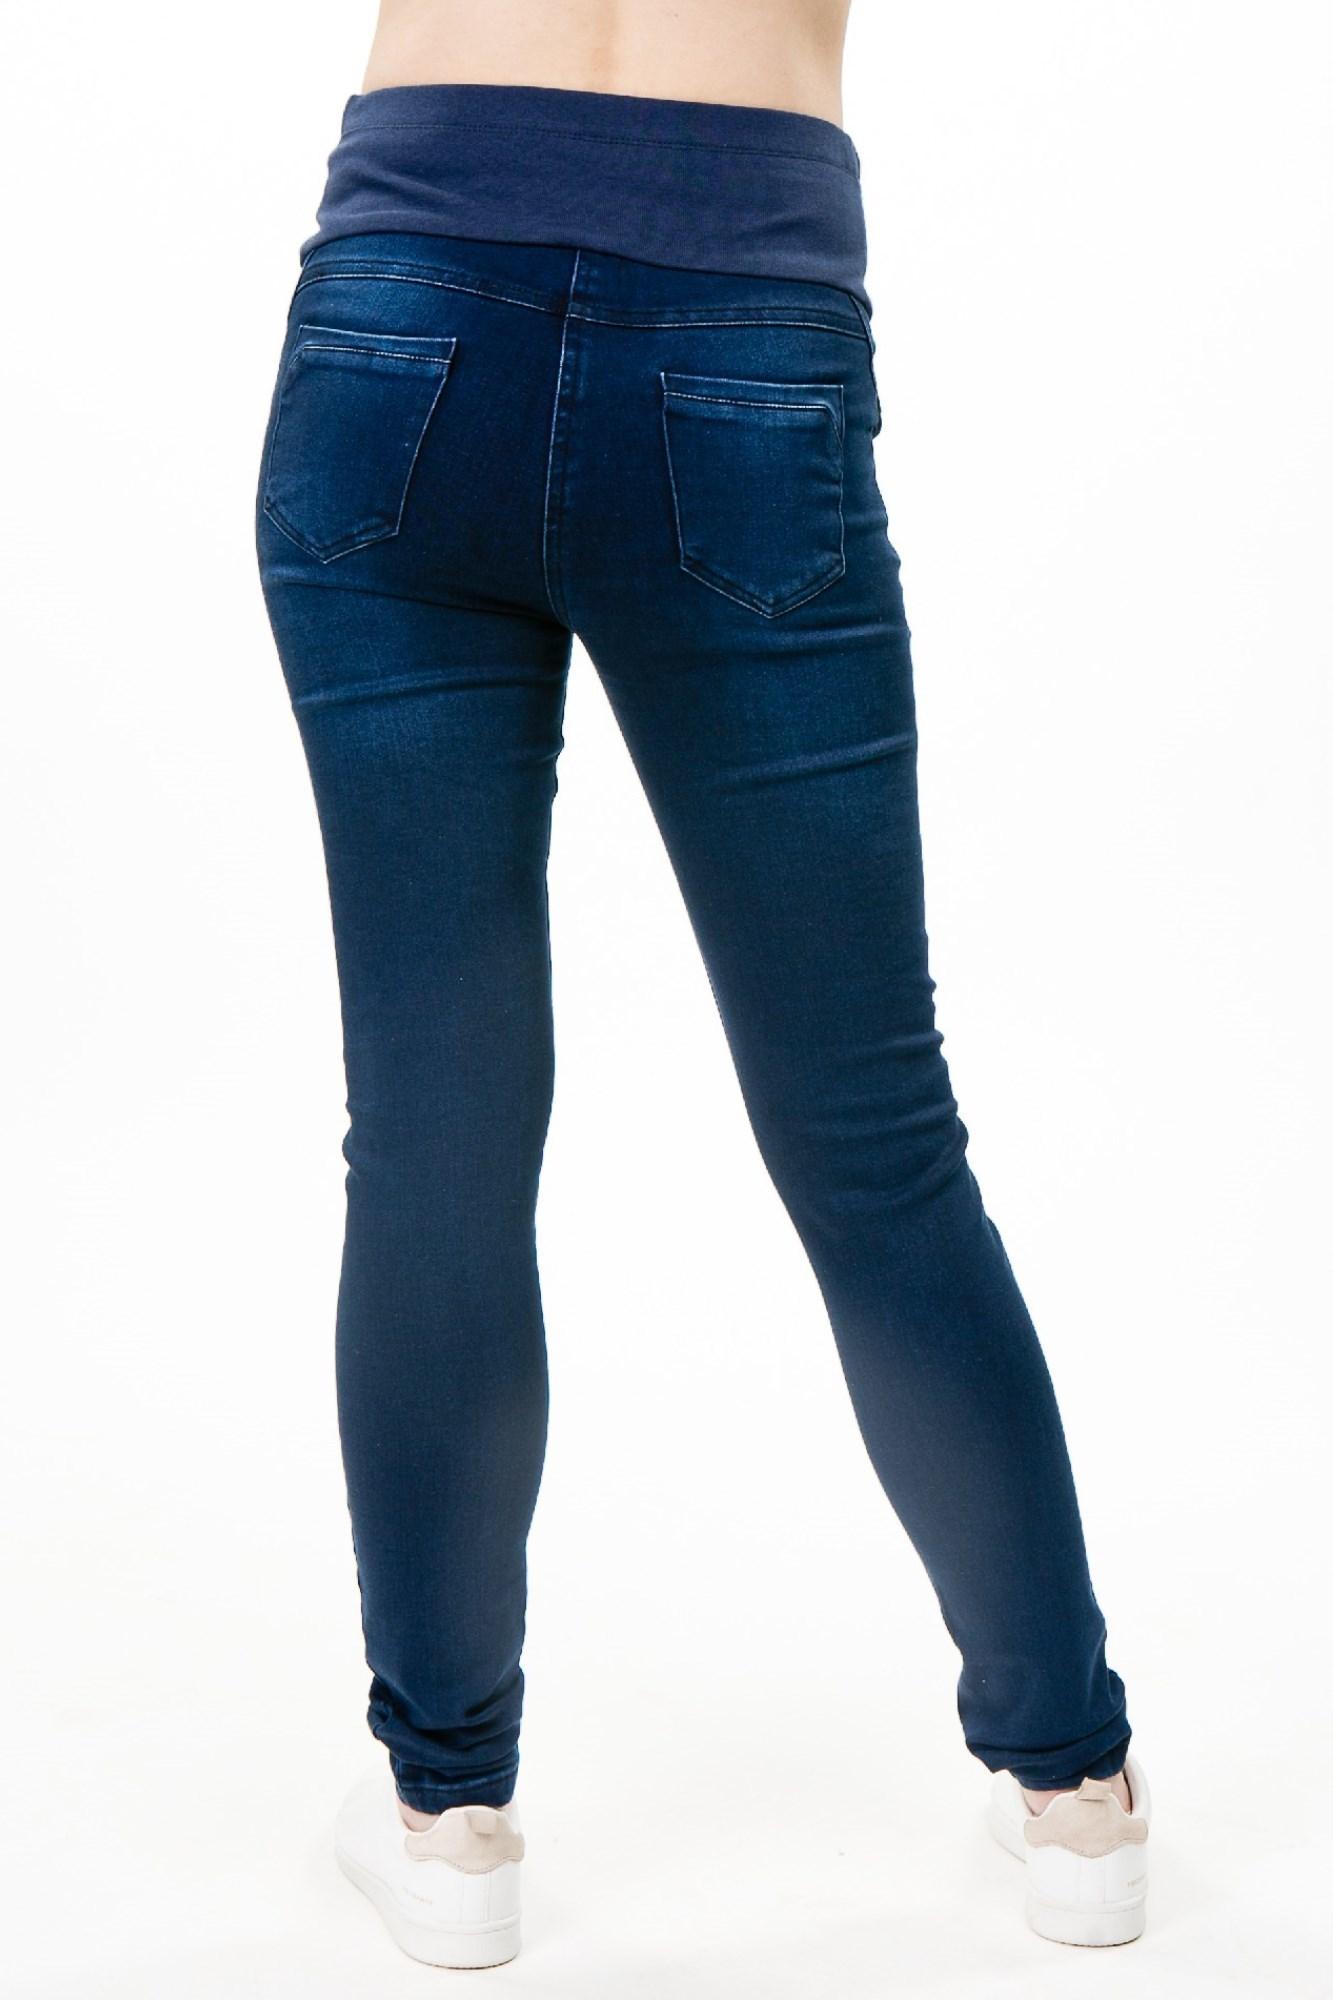 Утепленные джинсы для беременных (SKINNY) 09279 синий